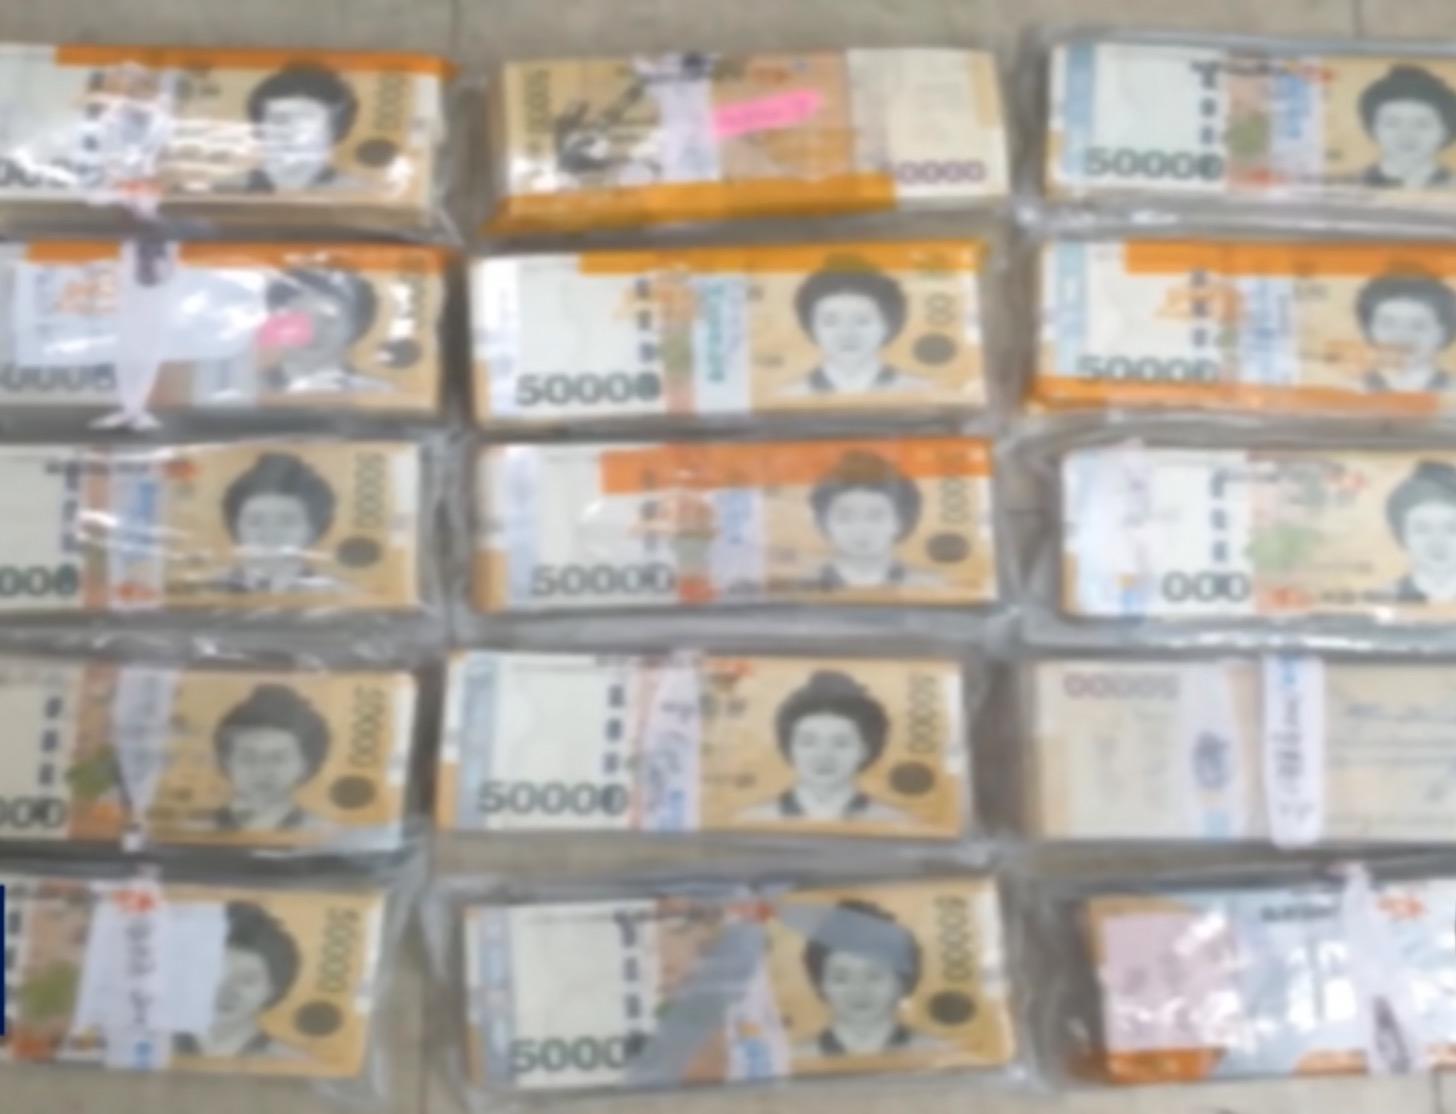 Lelaki Membeli Peti Sejuk Terpakai, Terkejut Menemui Duit RM400 Ribu Lebih Tersembunyi Di Bahagian Bawahnya